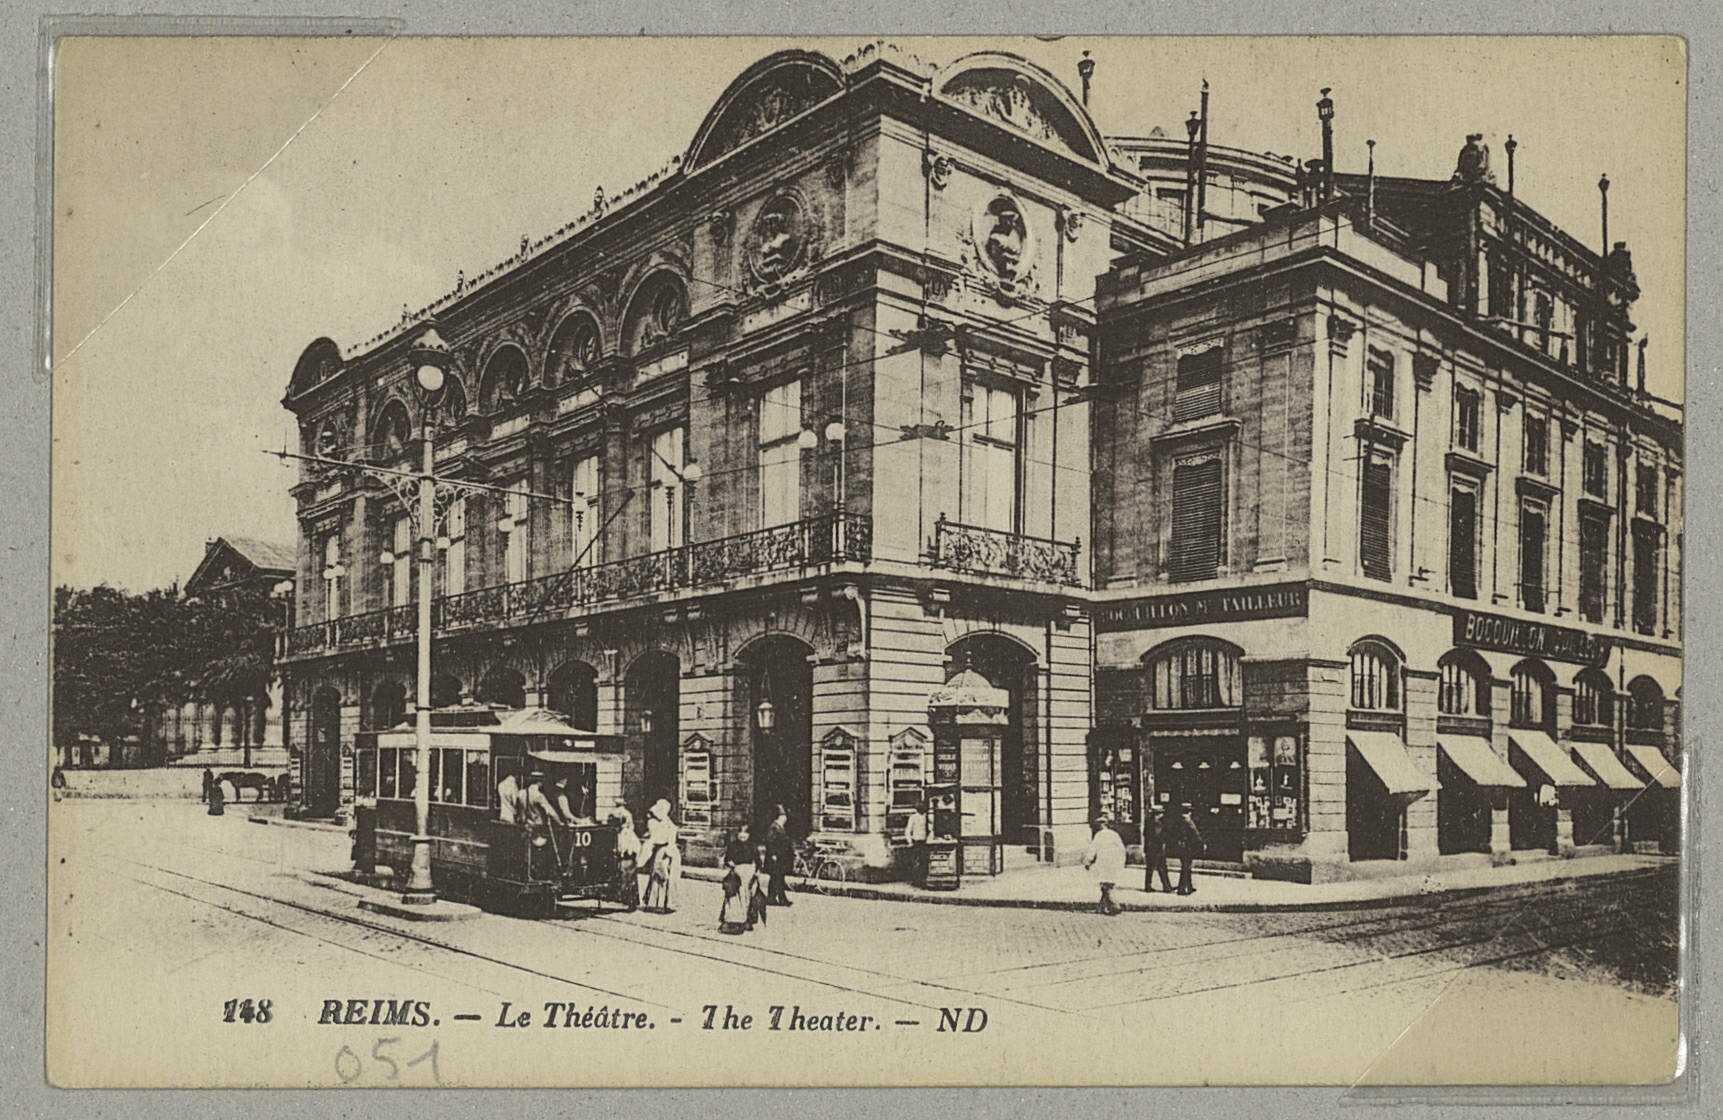 REIMS. 148. Le Théâtre. The Theater / ND. (75 - Paris Lévy et Neurdein réunis). Sans date